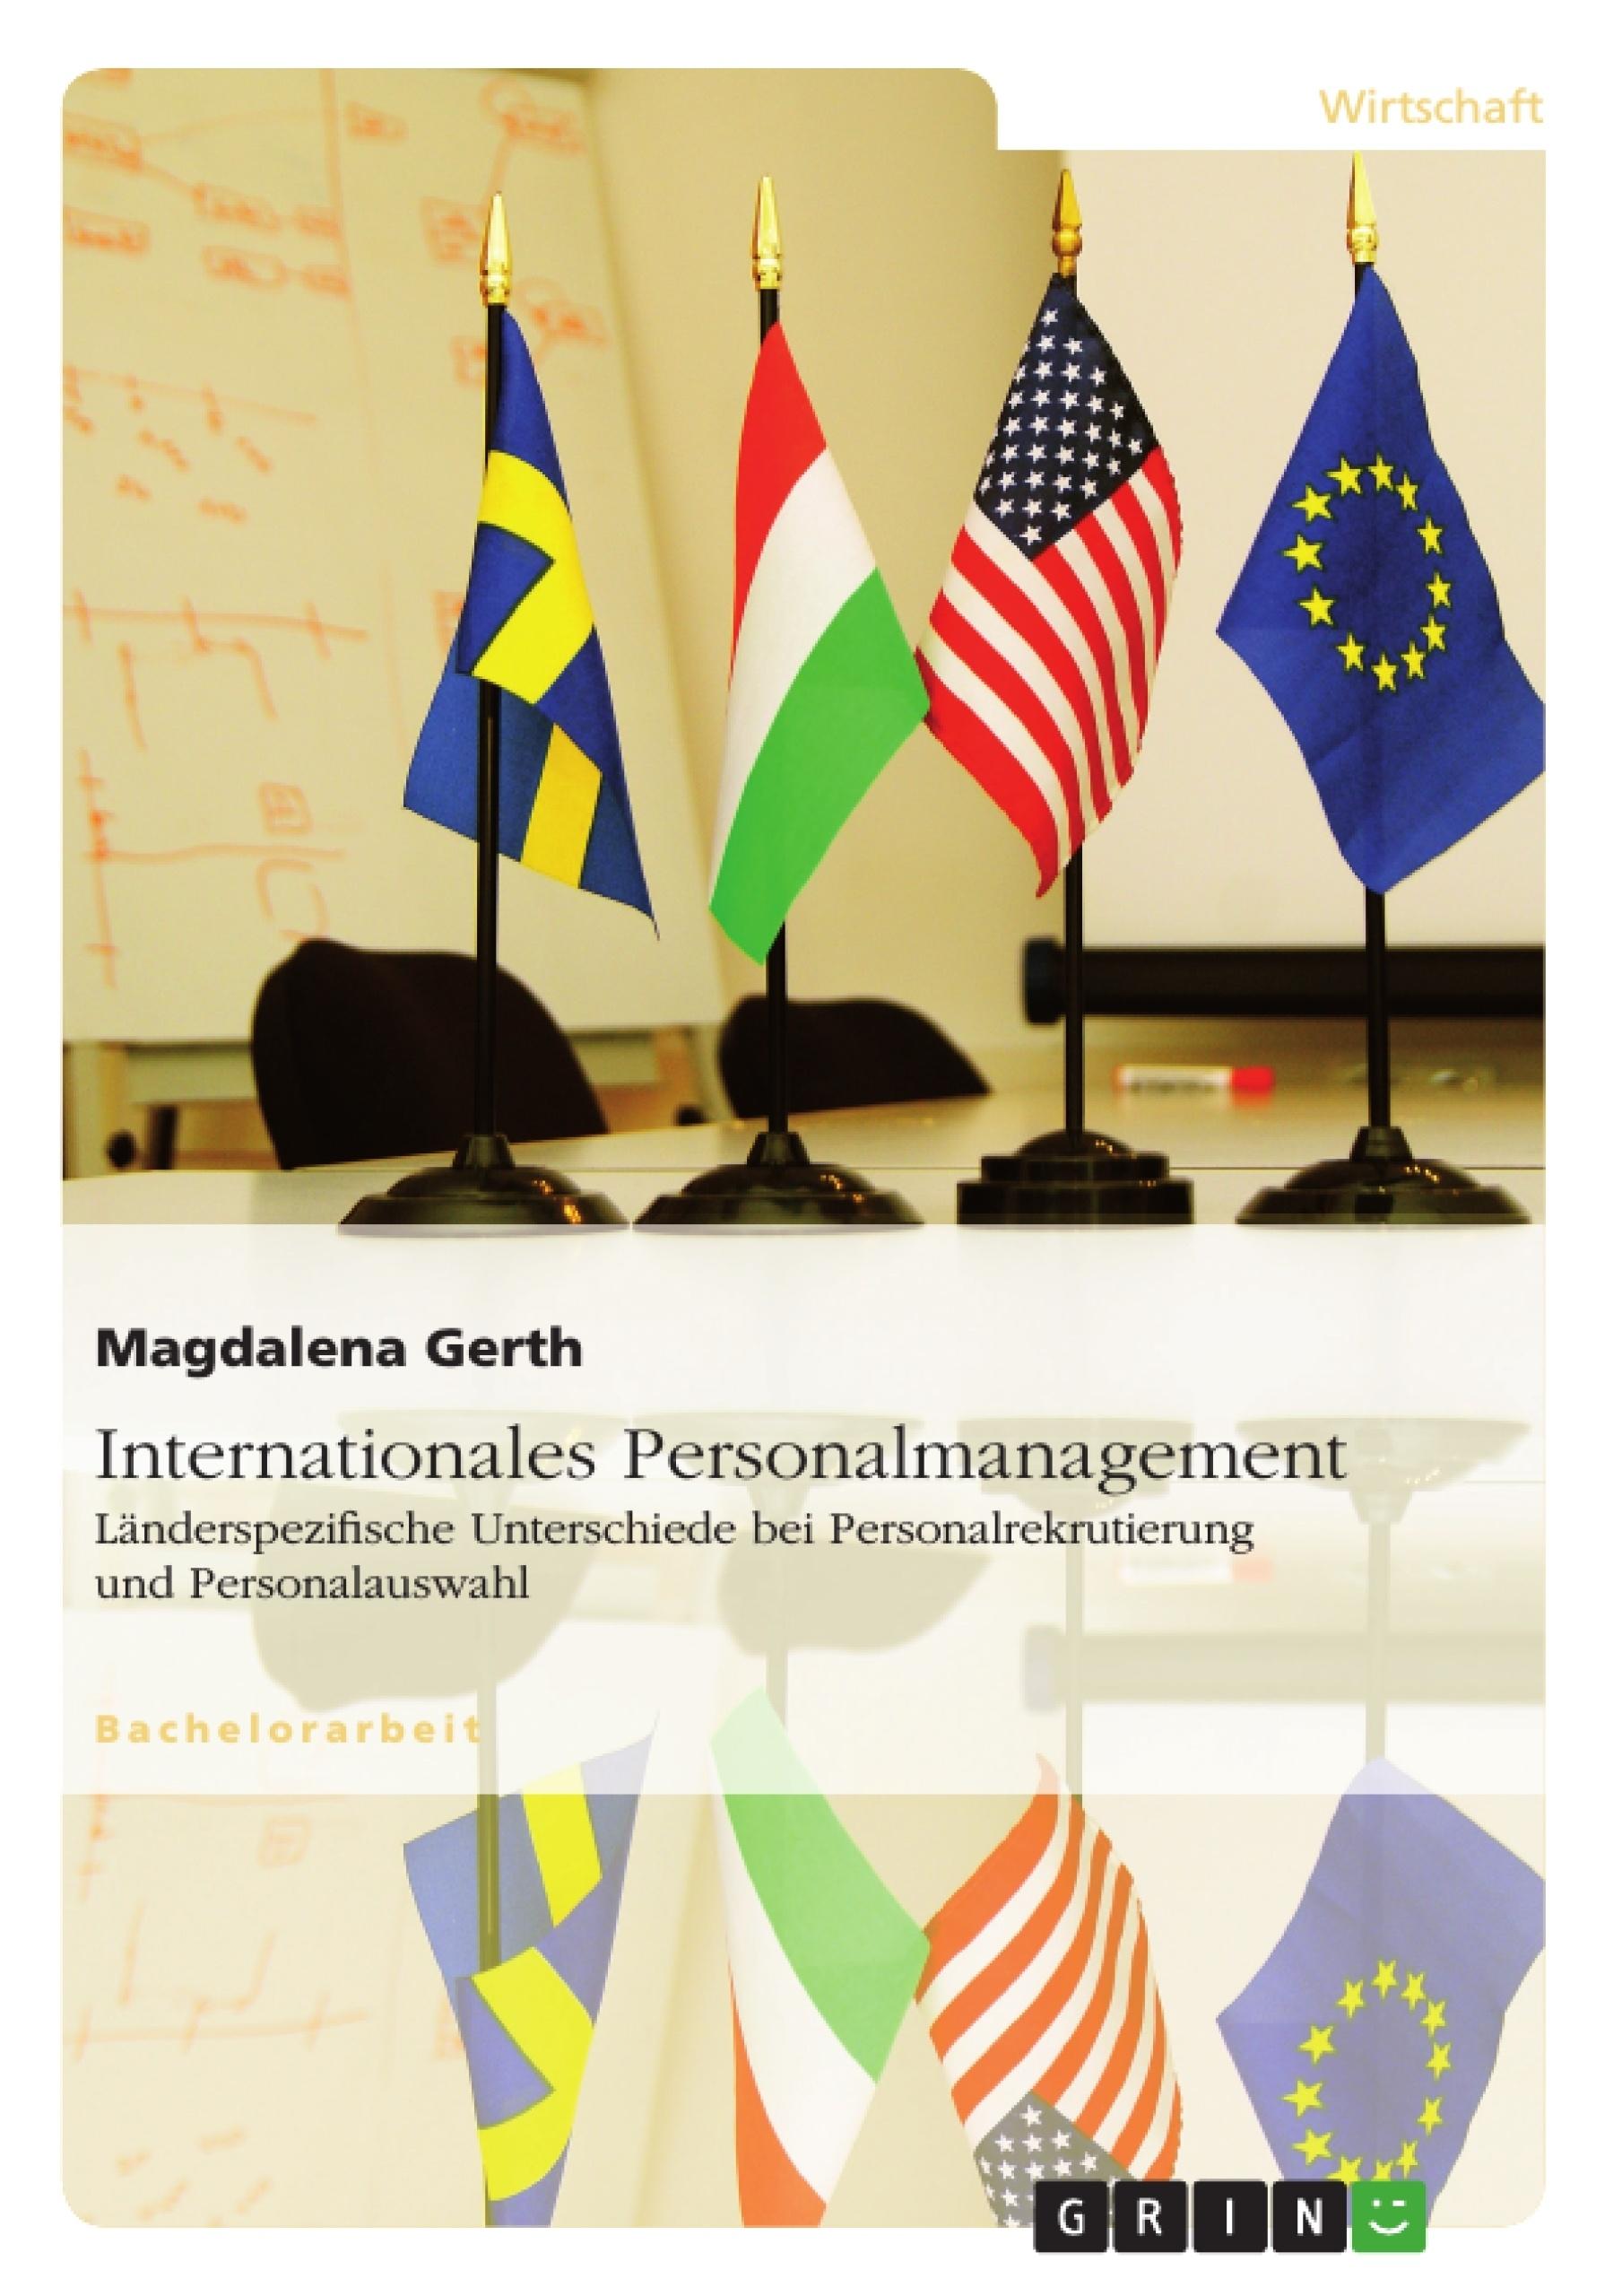 Titel: Internationales Personalmanagement. Länderspezifische Unterschiede bei Personalrekrutierung und Personalauswahl